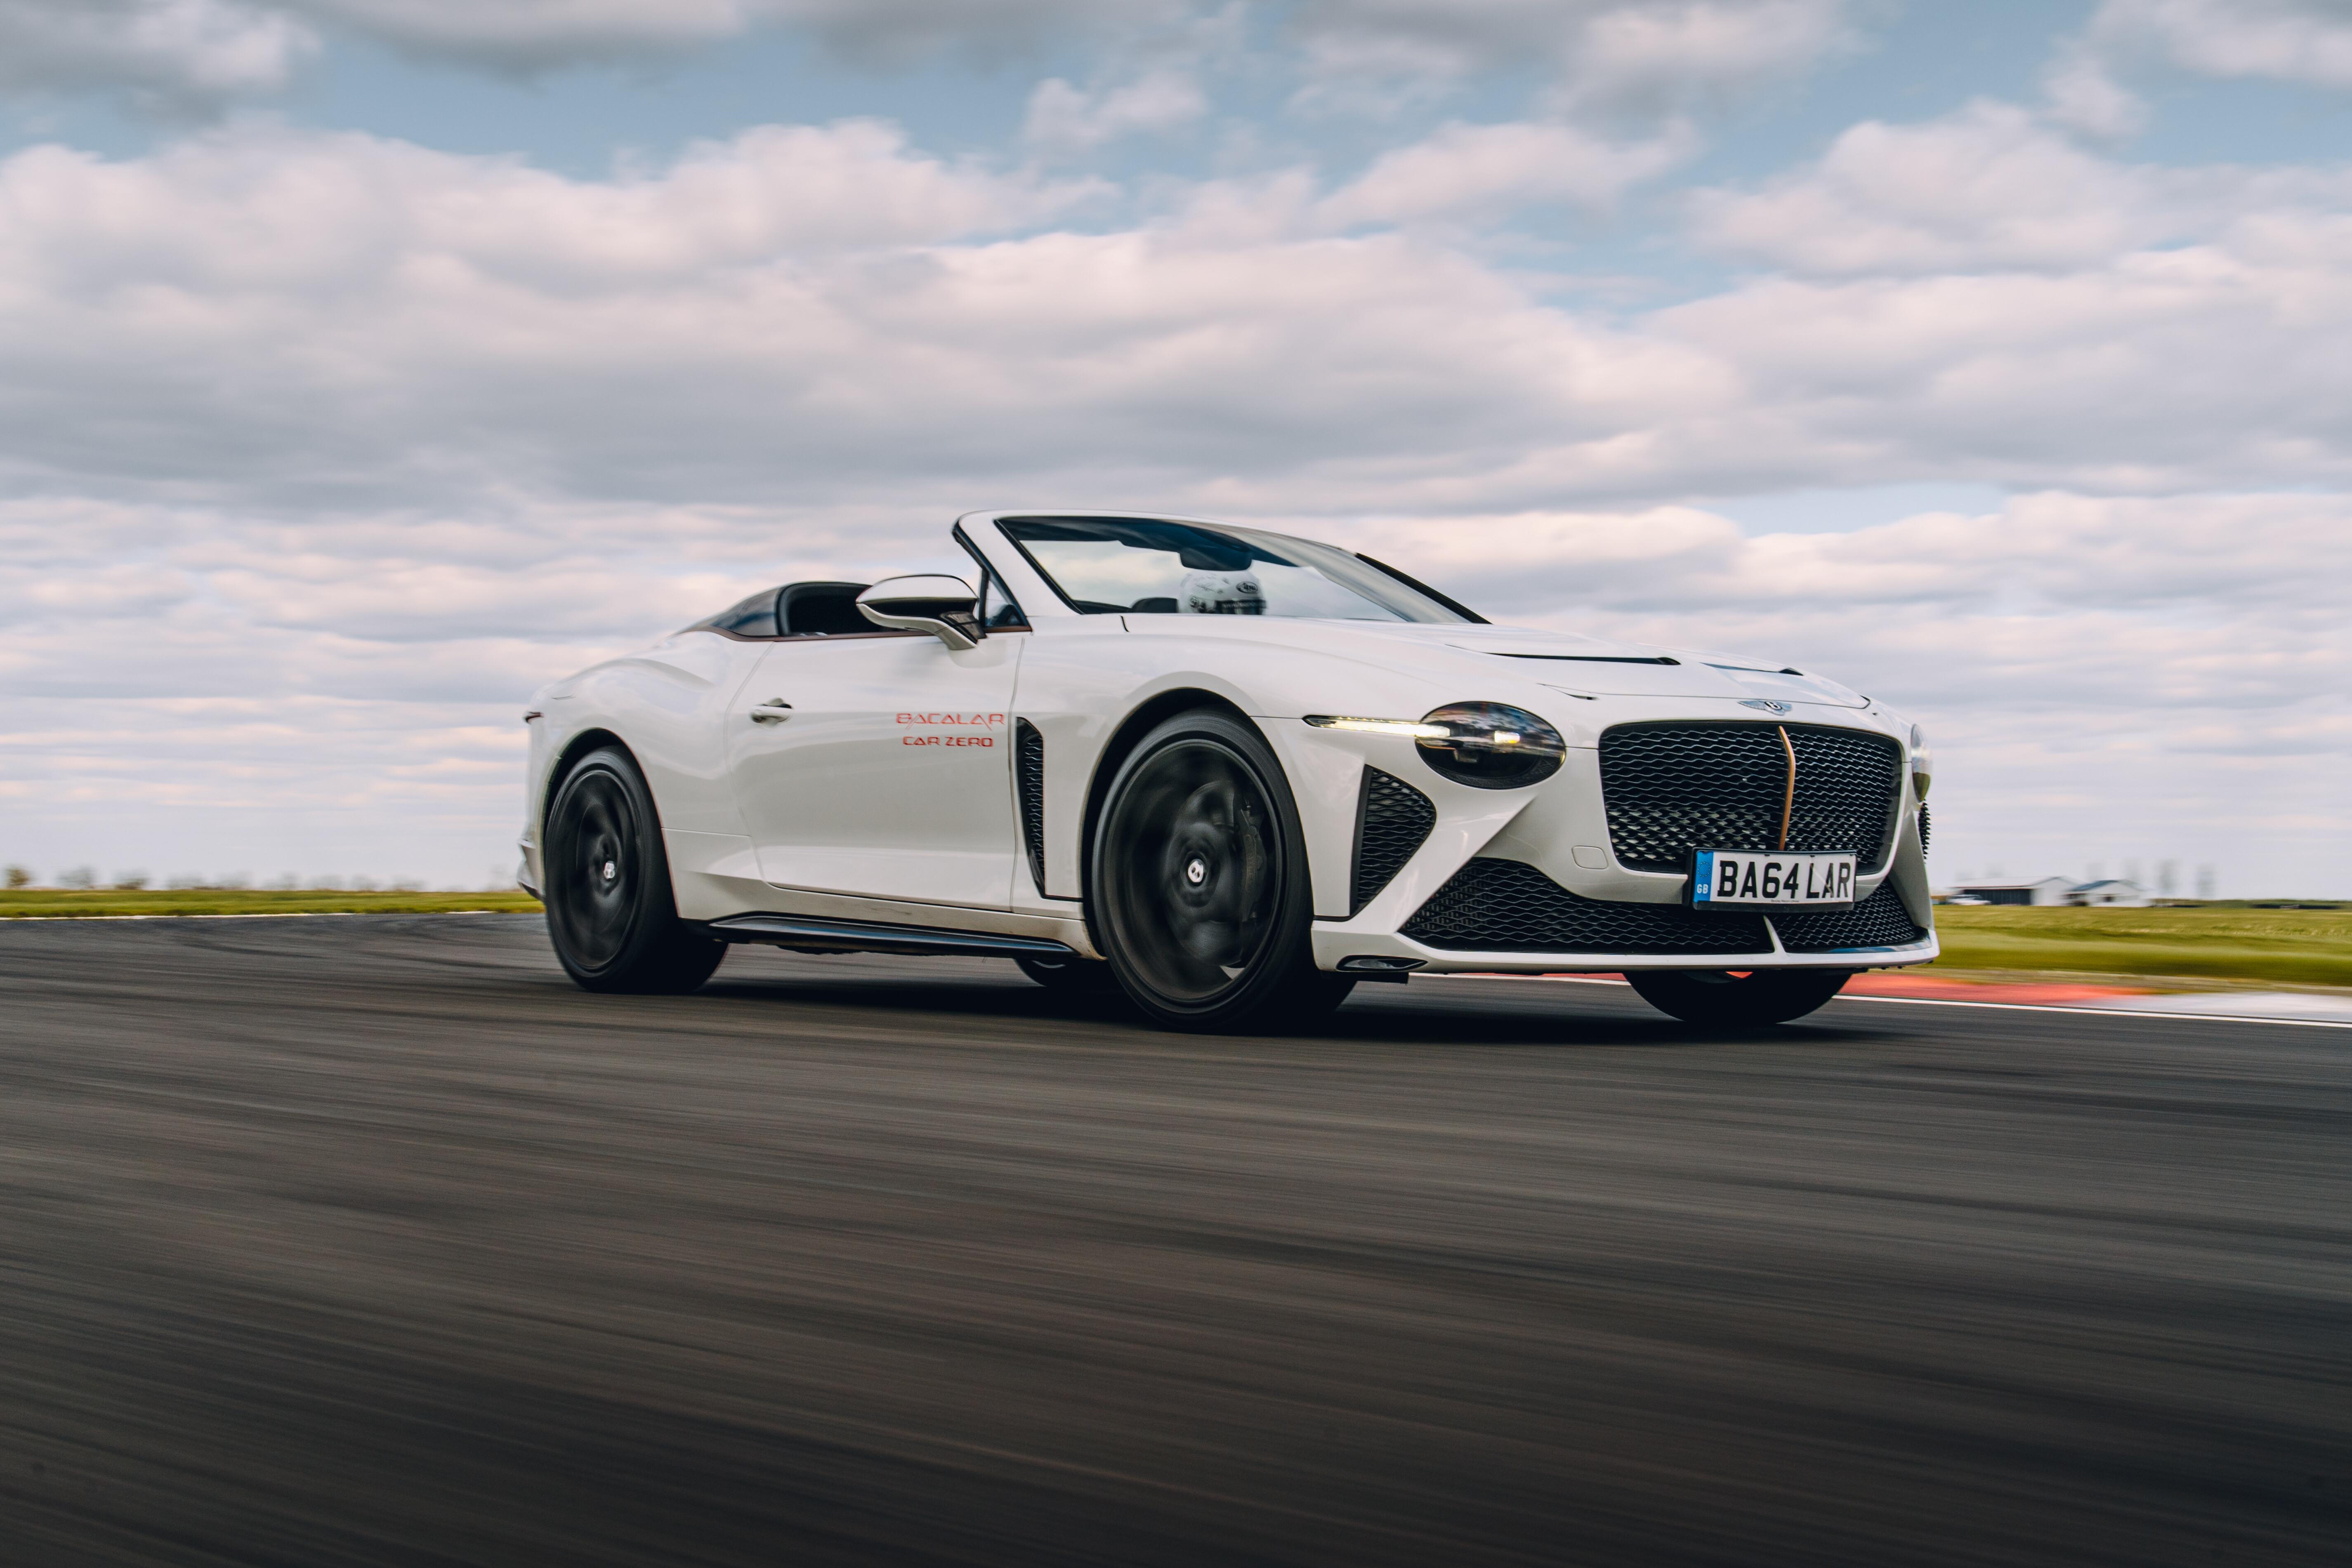 2021 Bentley Bacalar review